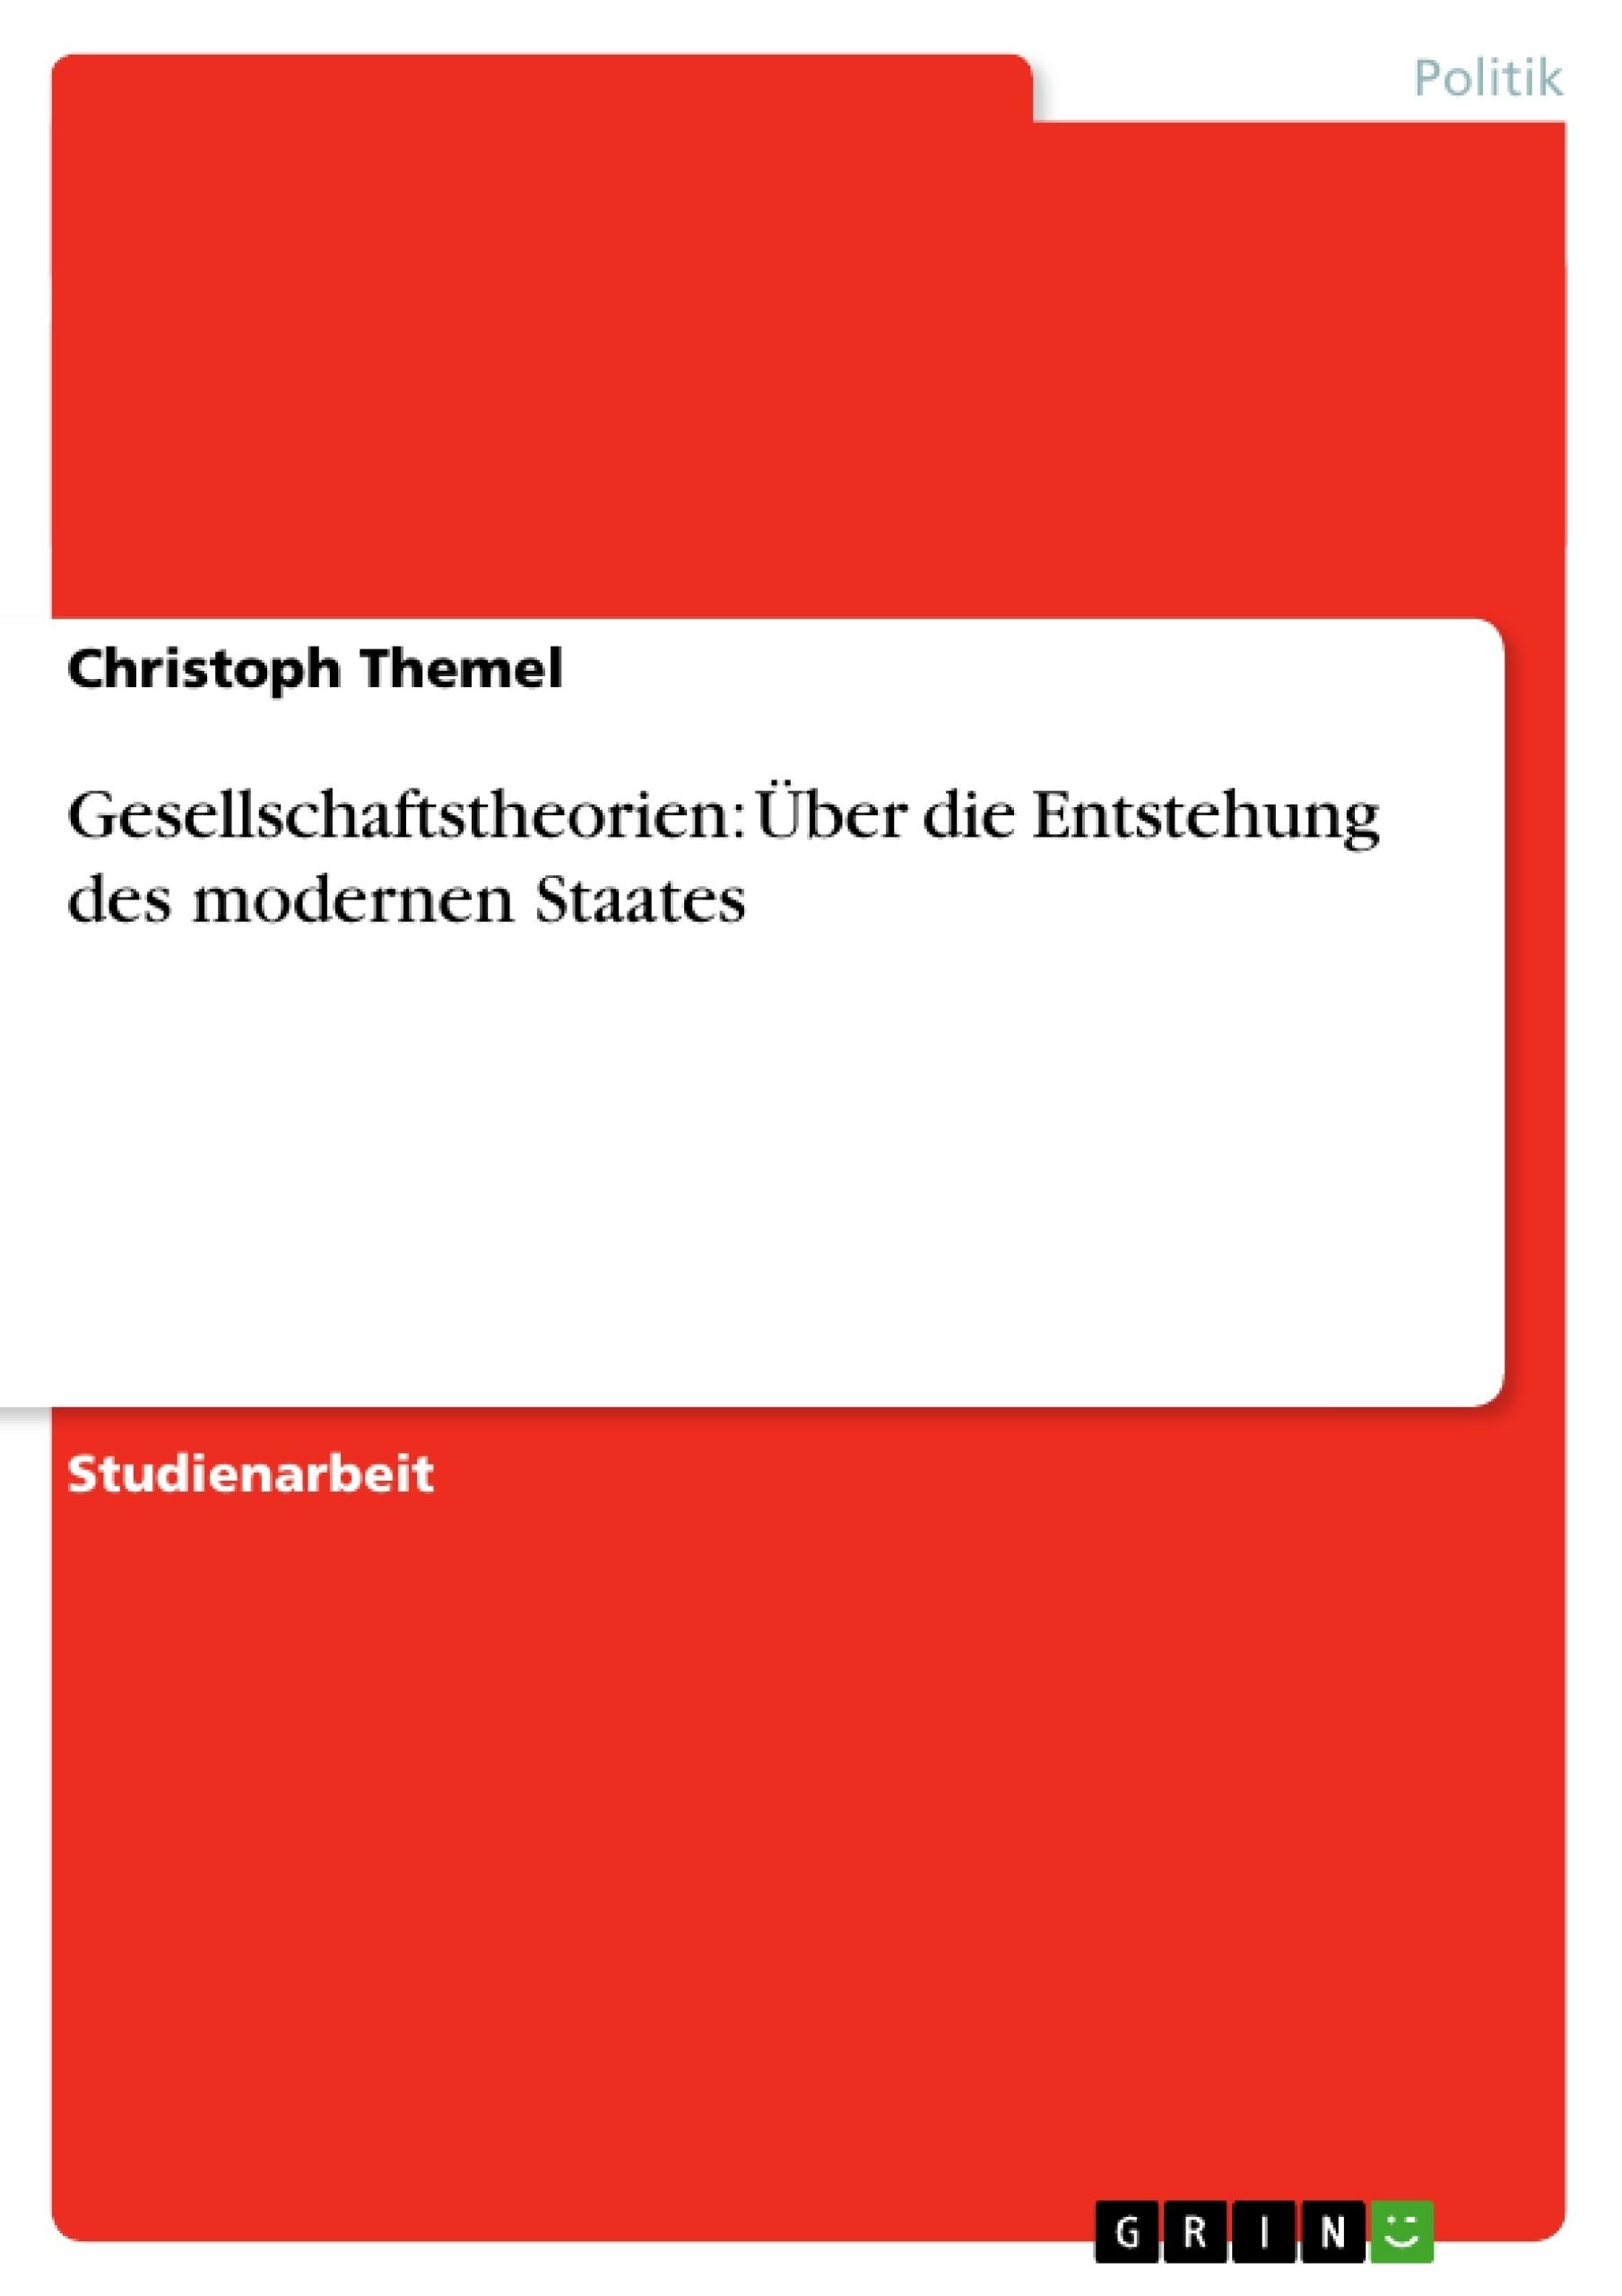 Titel: Gesellschaftstheorien: Über die Entstehung des modernen Staates